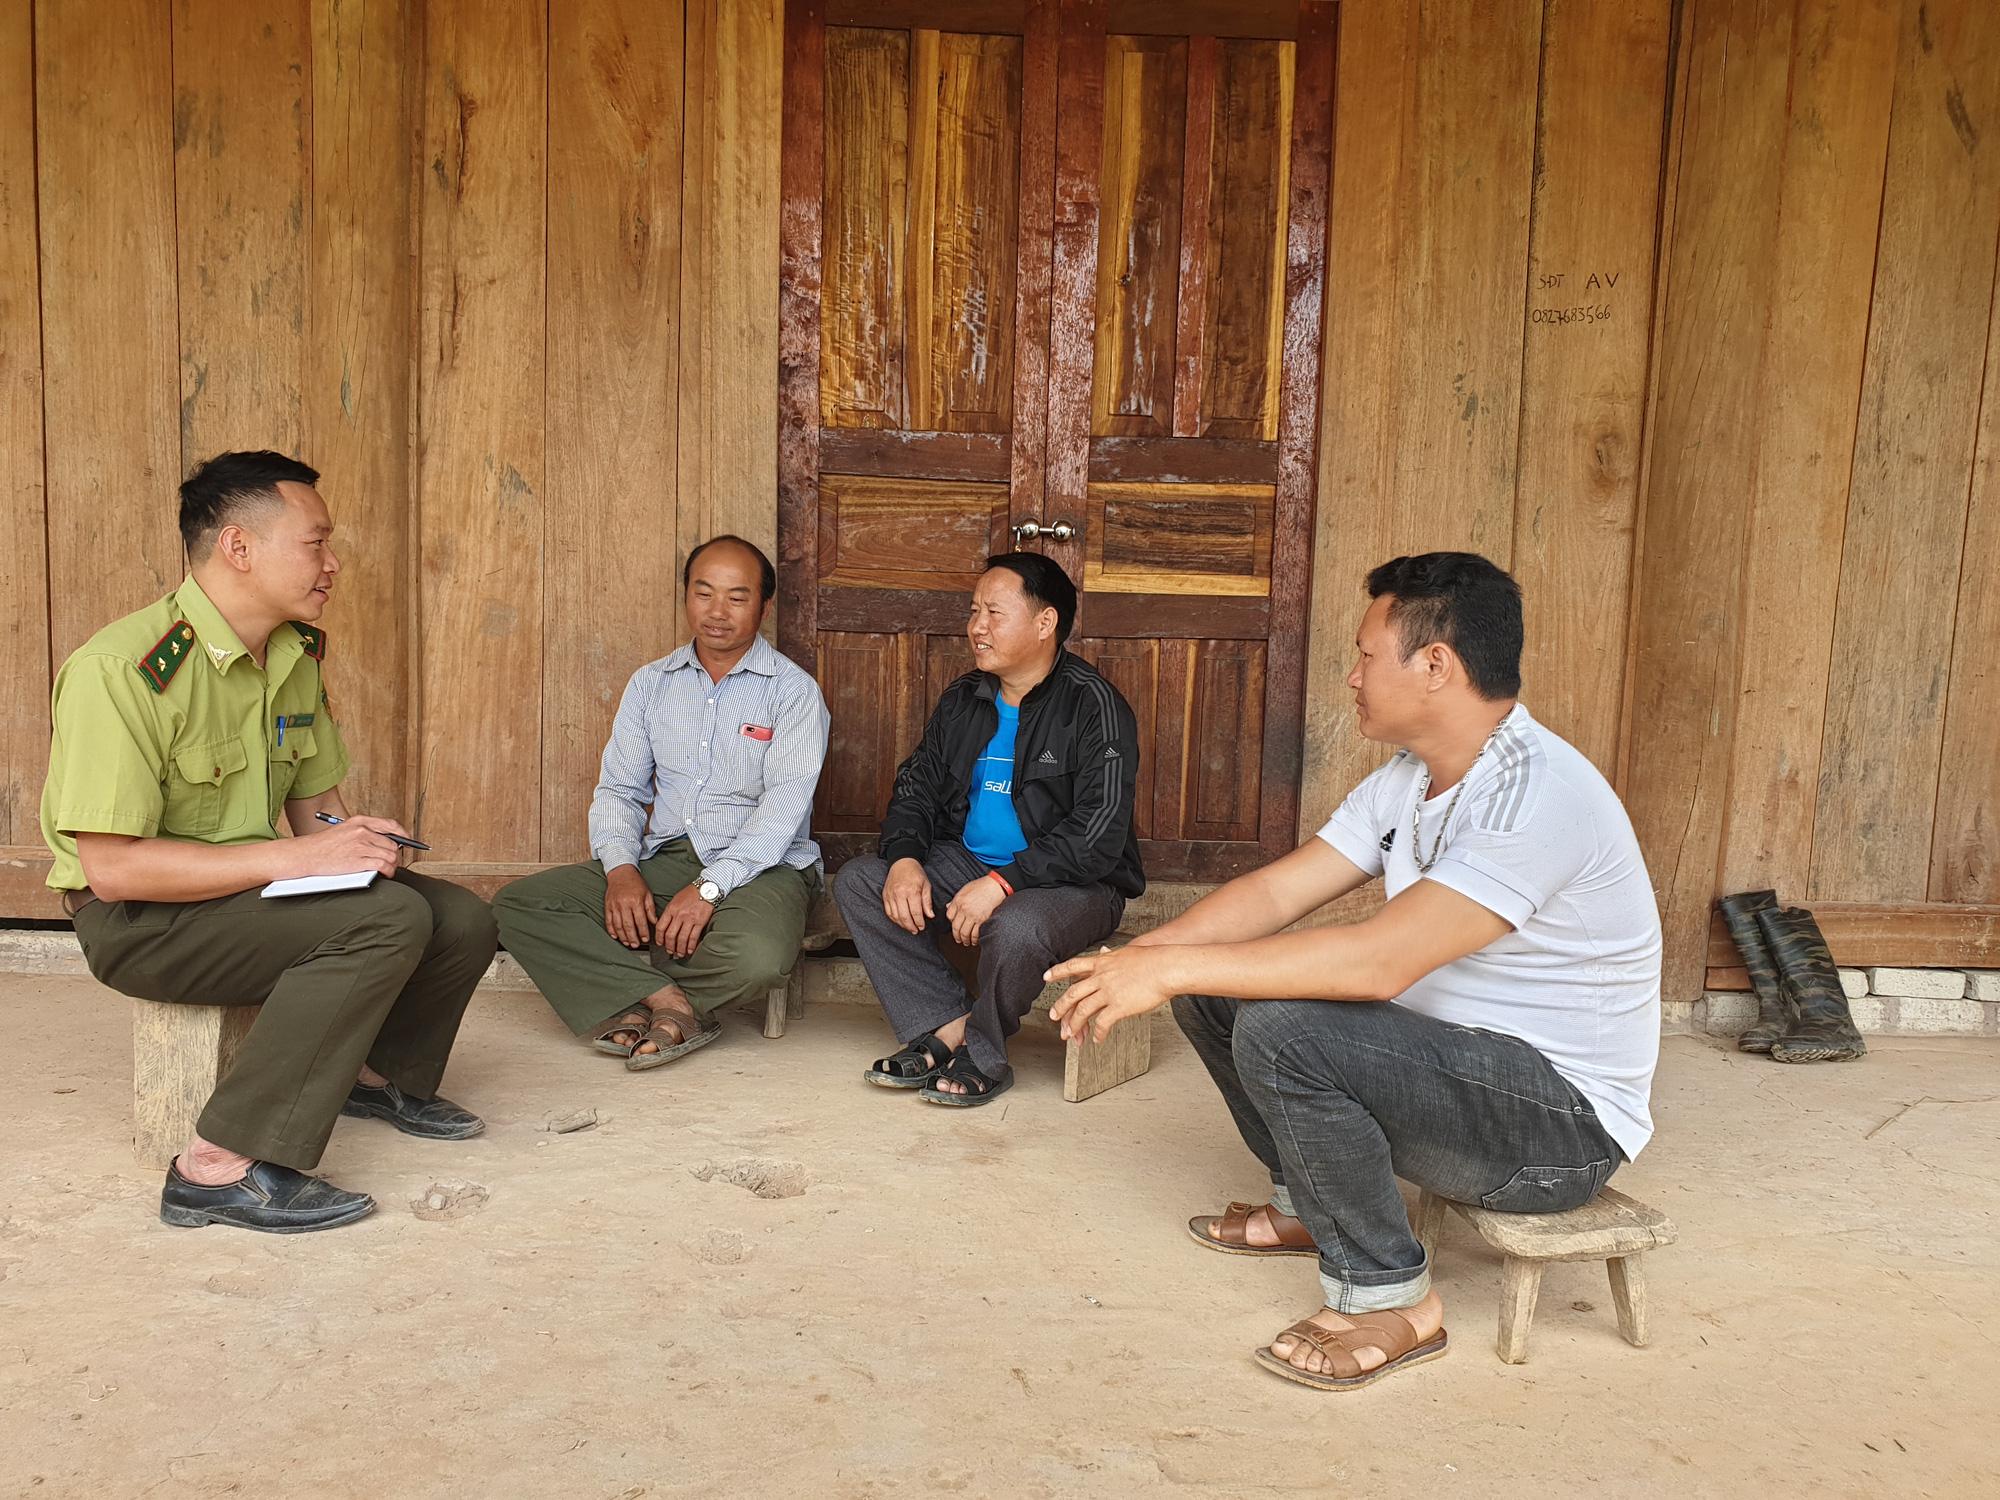 Phát huy vai trò nòng cốt trong công tác quản lý, bảo vệ rừng - Ảnh 3.